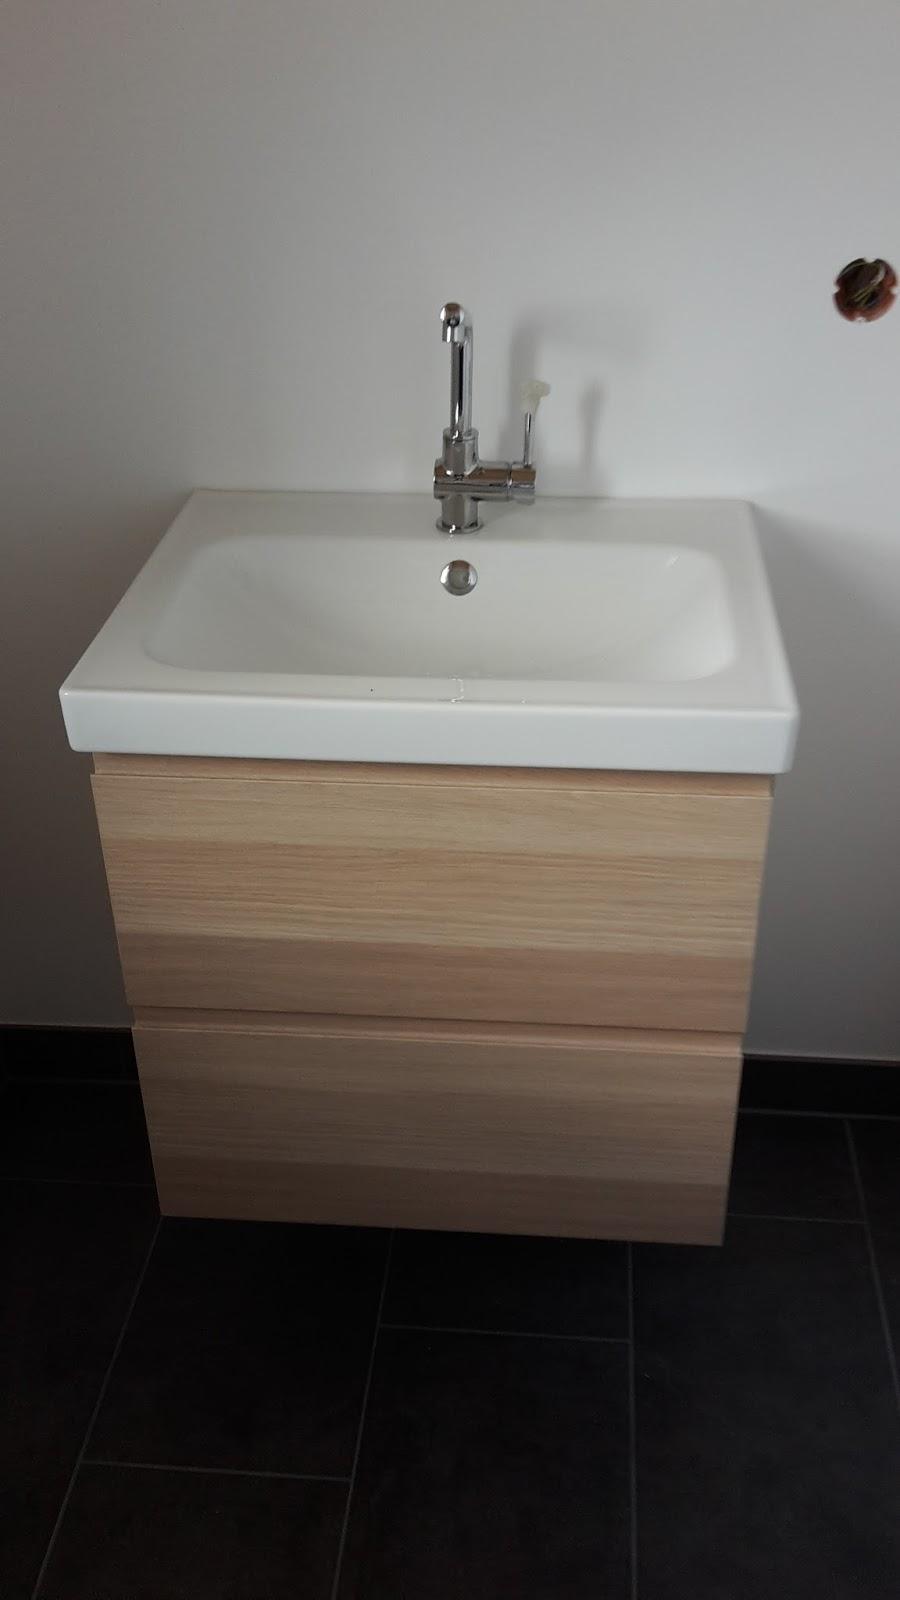 jenny und lars bauen ein haus fast fertig. Black Bedroom Furniture Sets. Home Design Ideas